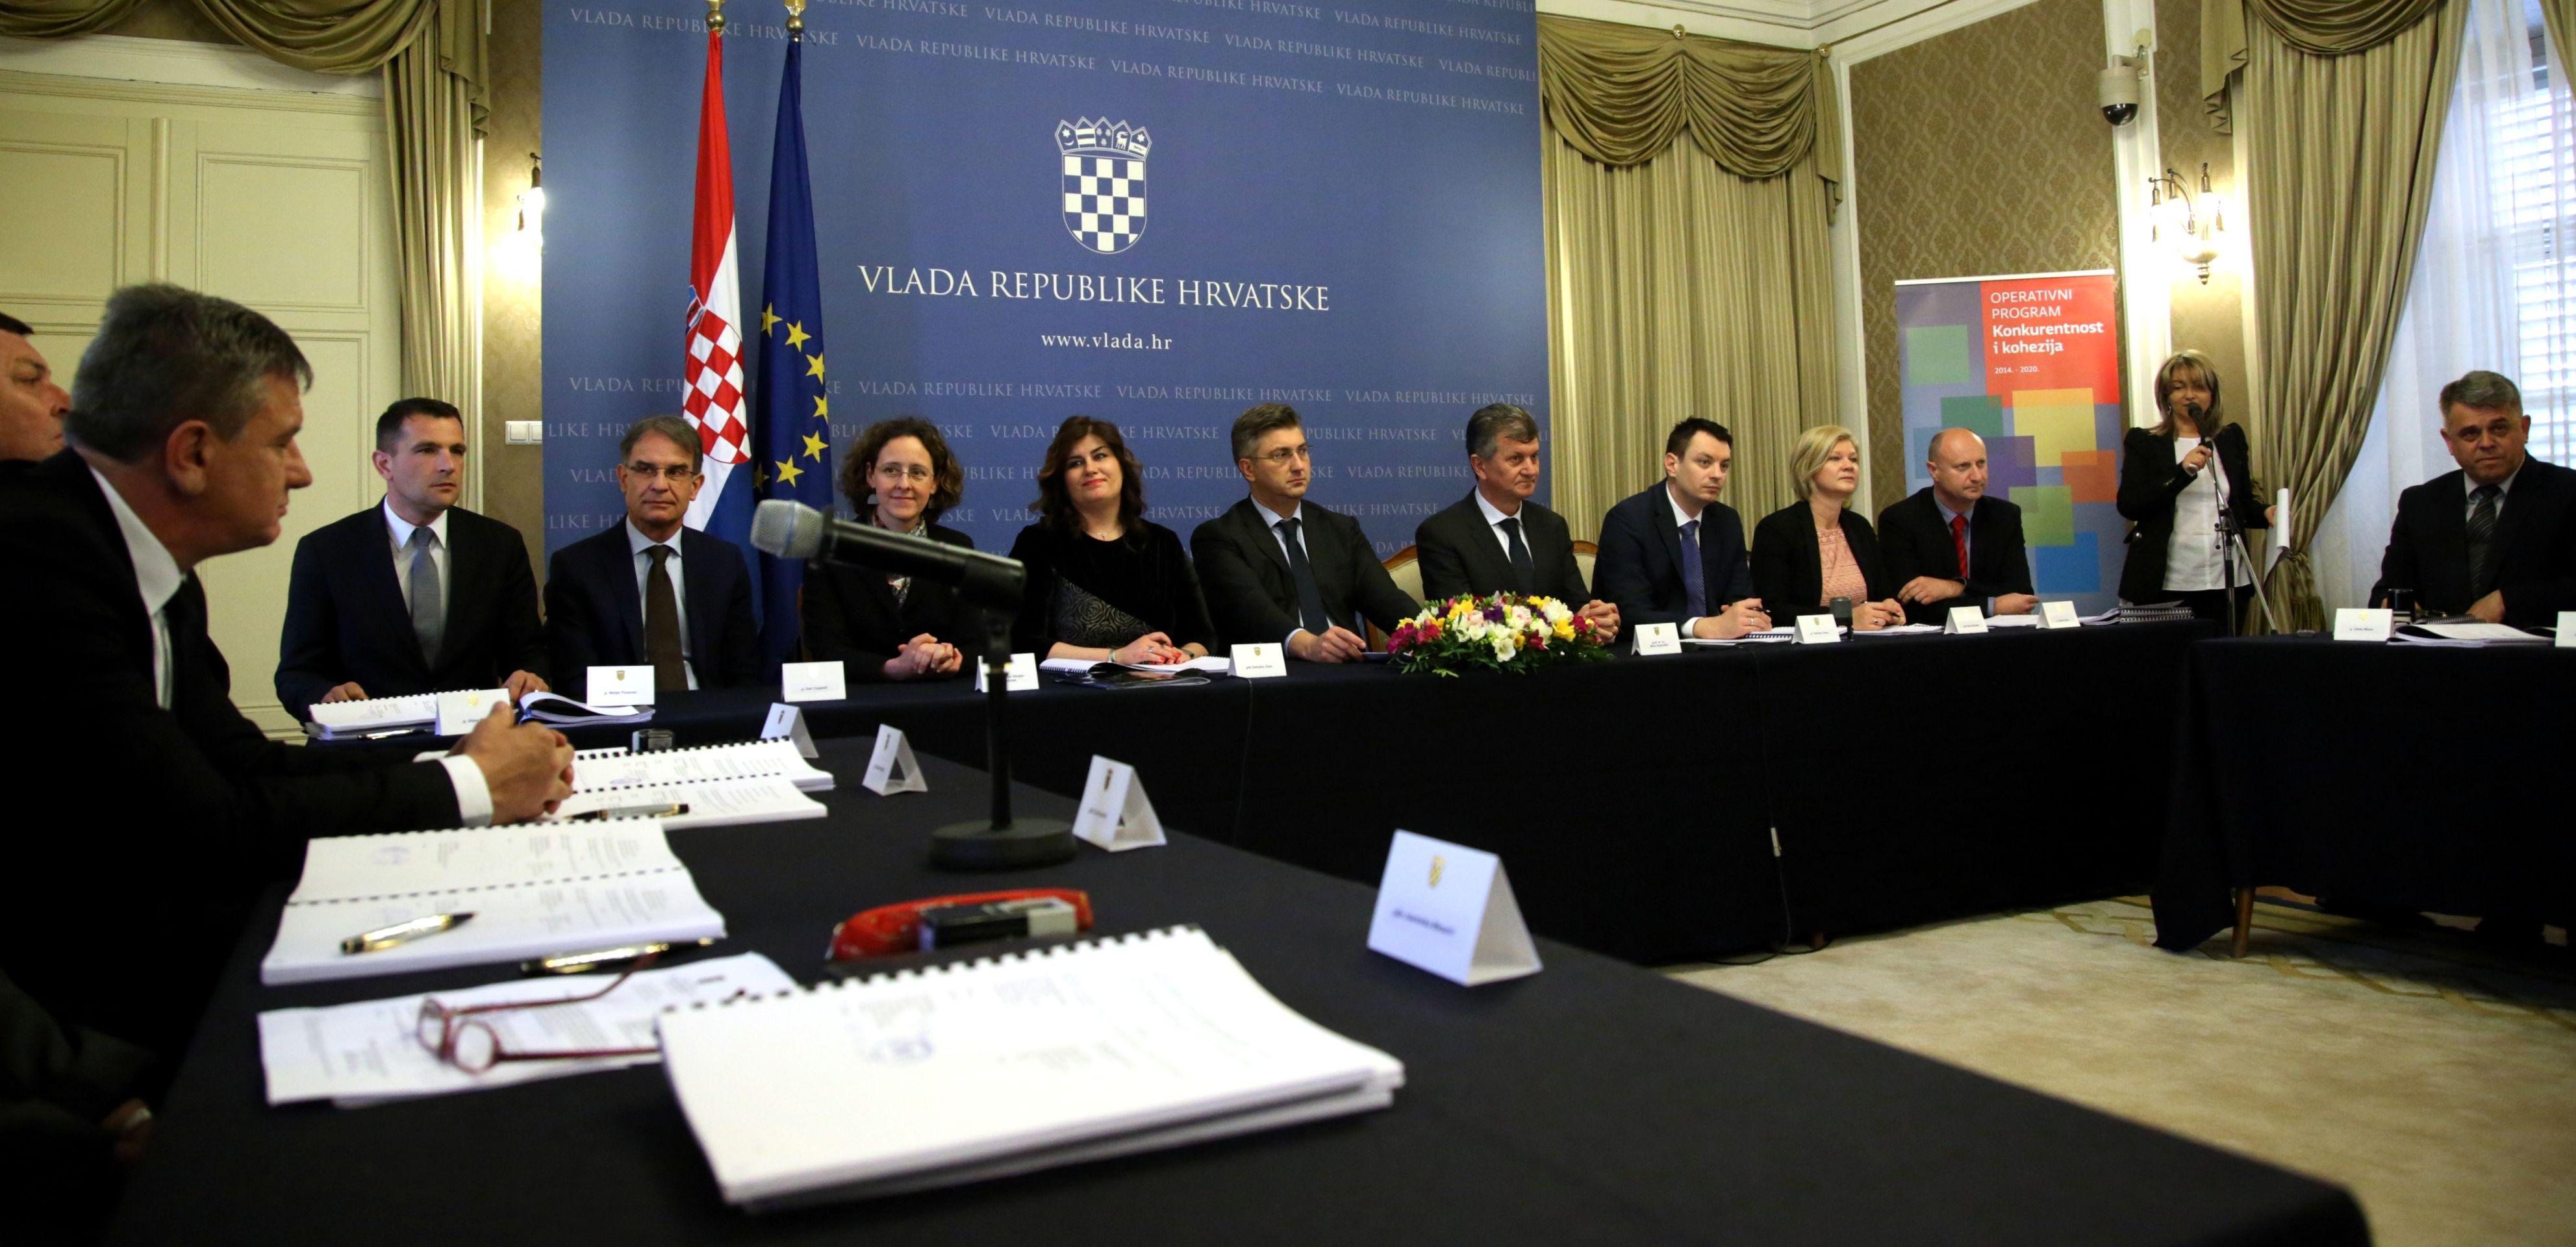 Potpisani ugovori za EU fondove za poboljšanje primarne zdravstvene zaštite i obnovu kulturne baštine